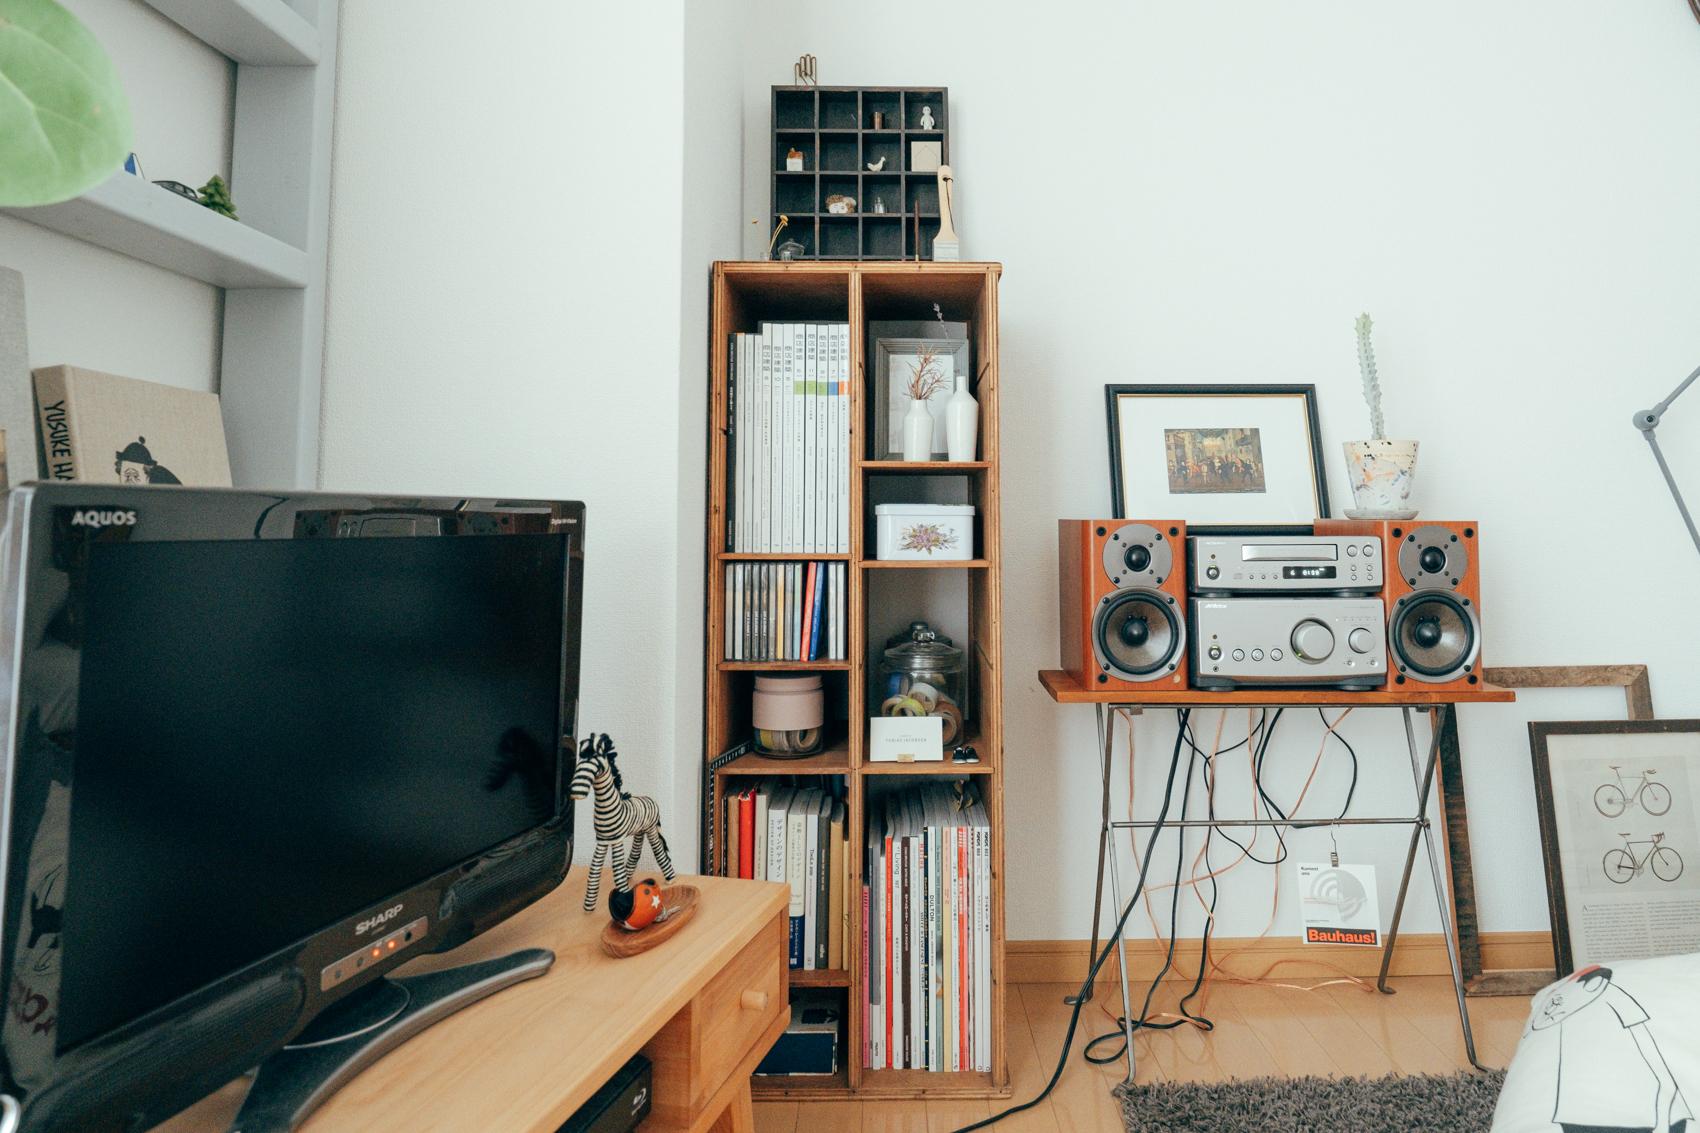 こちらは同じ収納家具でも、部屋の隅にちょこんと収まる、シンプルなデザインです。本棚を探していた時、何か本だけじゃなくて雑貨も飾れるような本棚が欲しいなと思っていたときに出会ったのだそう。